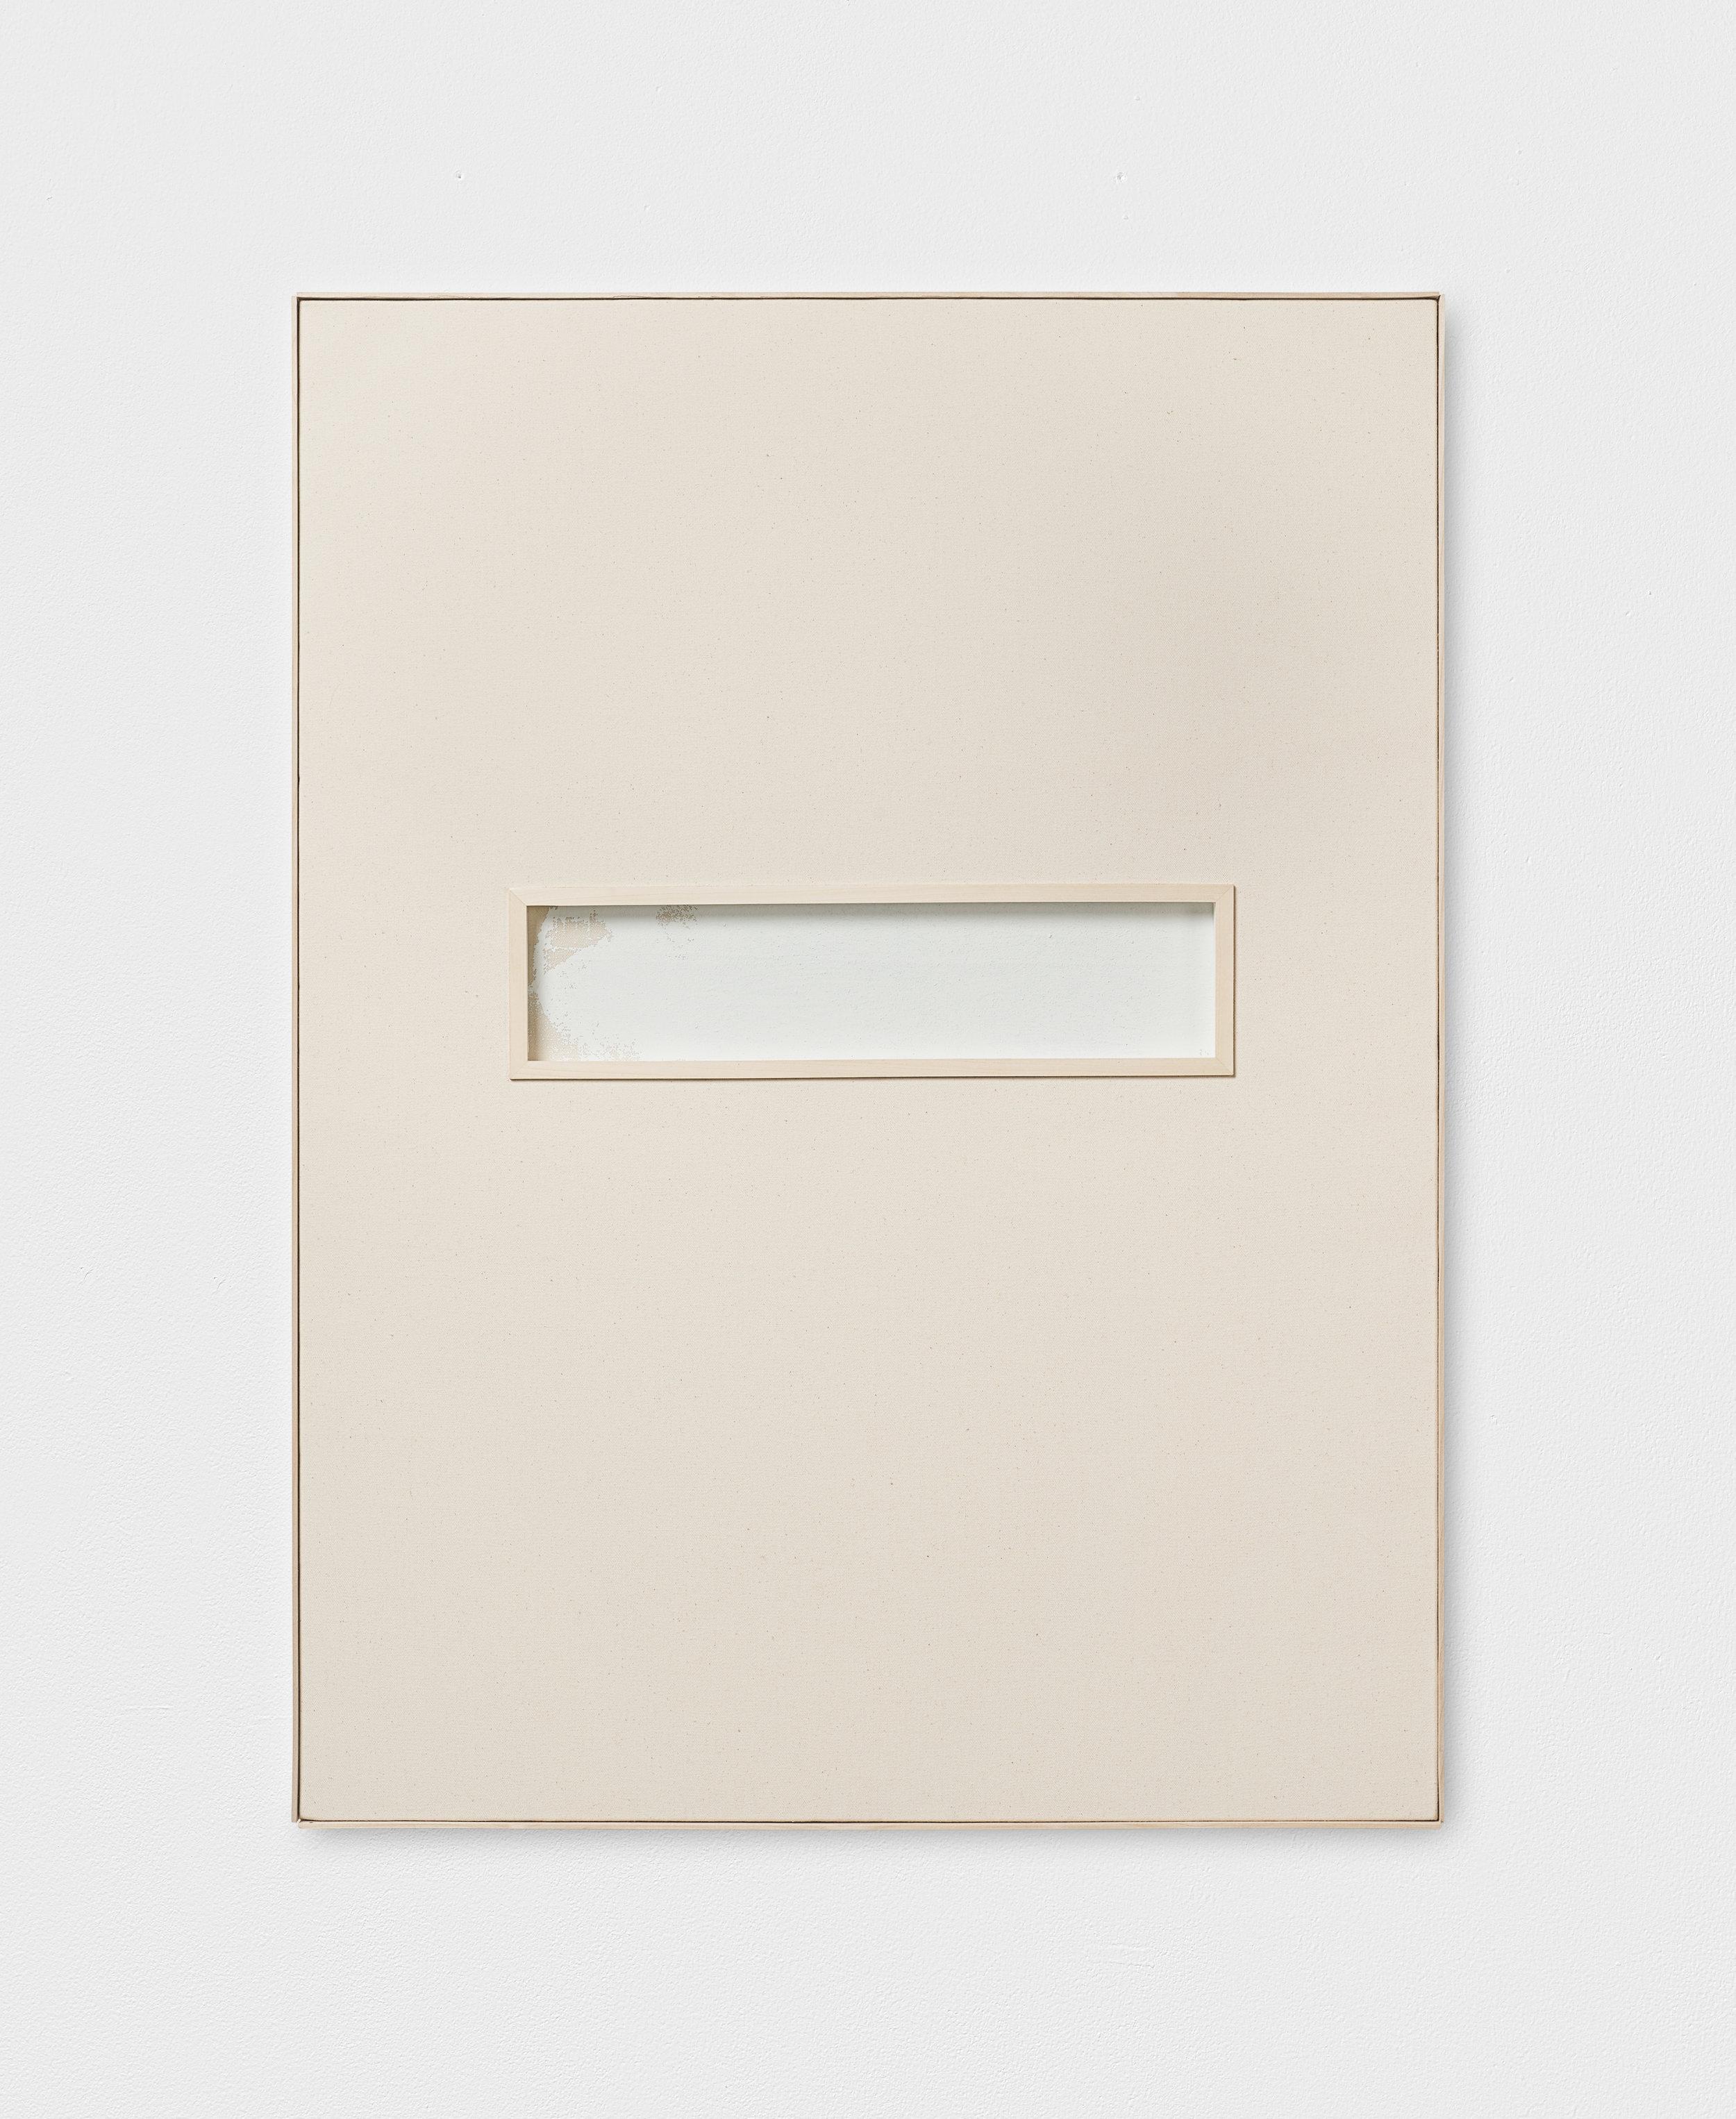 L. S. S. L. D. L' A., XVII | 2015 - 2016 | Leinen, Acryl auf Leinen hinter Glas, Künstlerrahmung | 81 x 61 x 3.5 cm | ©GALERIE ALBER